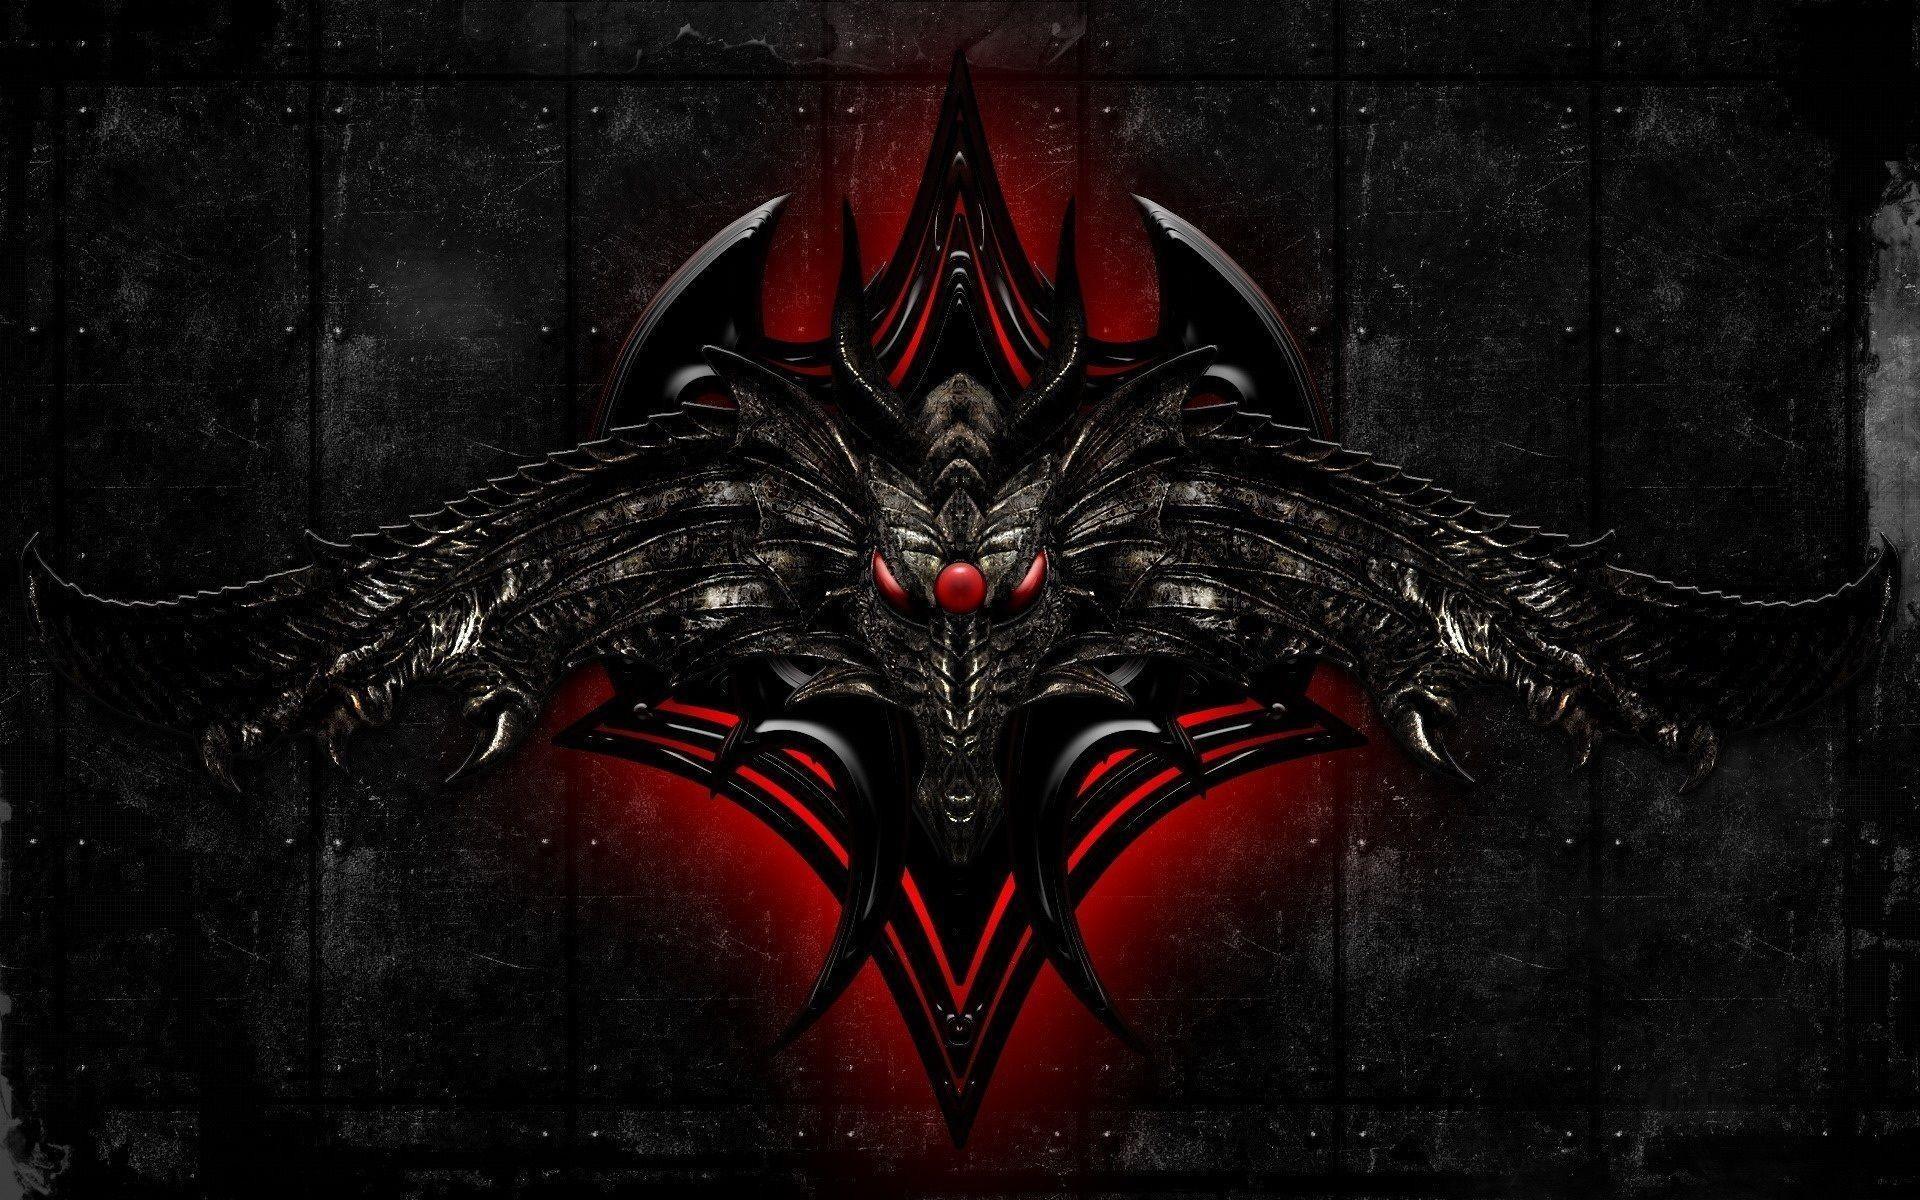 X X Hd__ Cool Dragon Wallpapers Qtozzzk